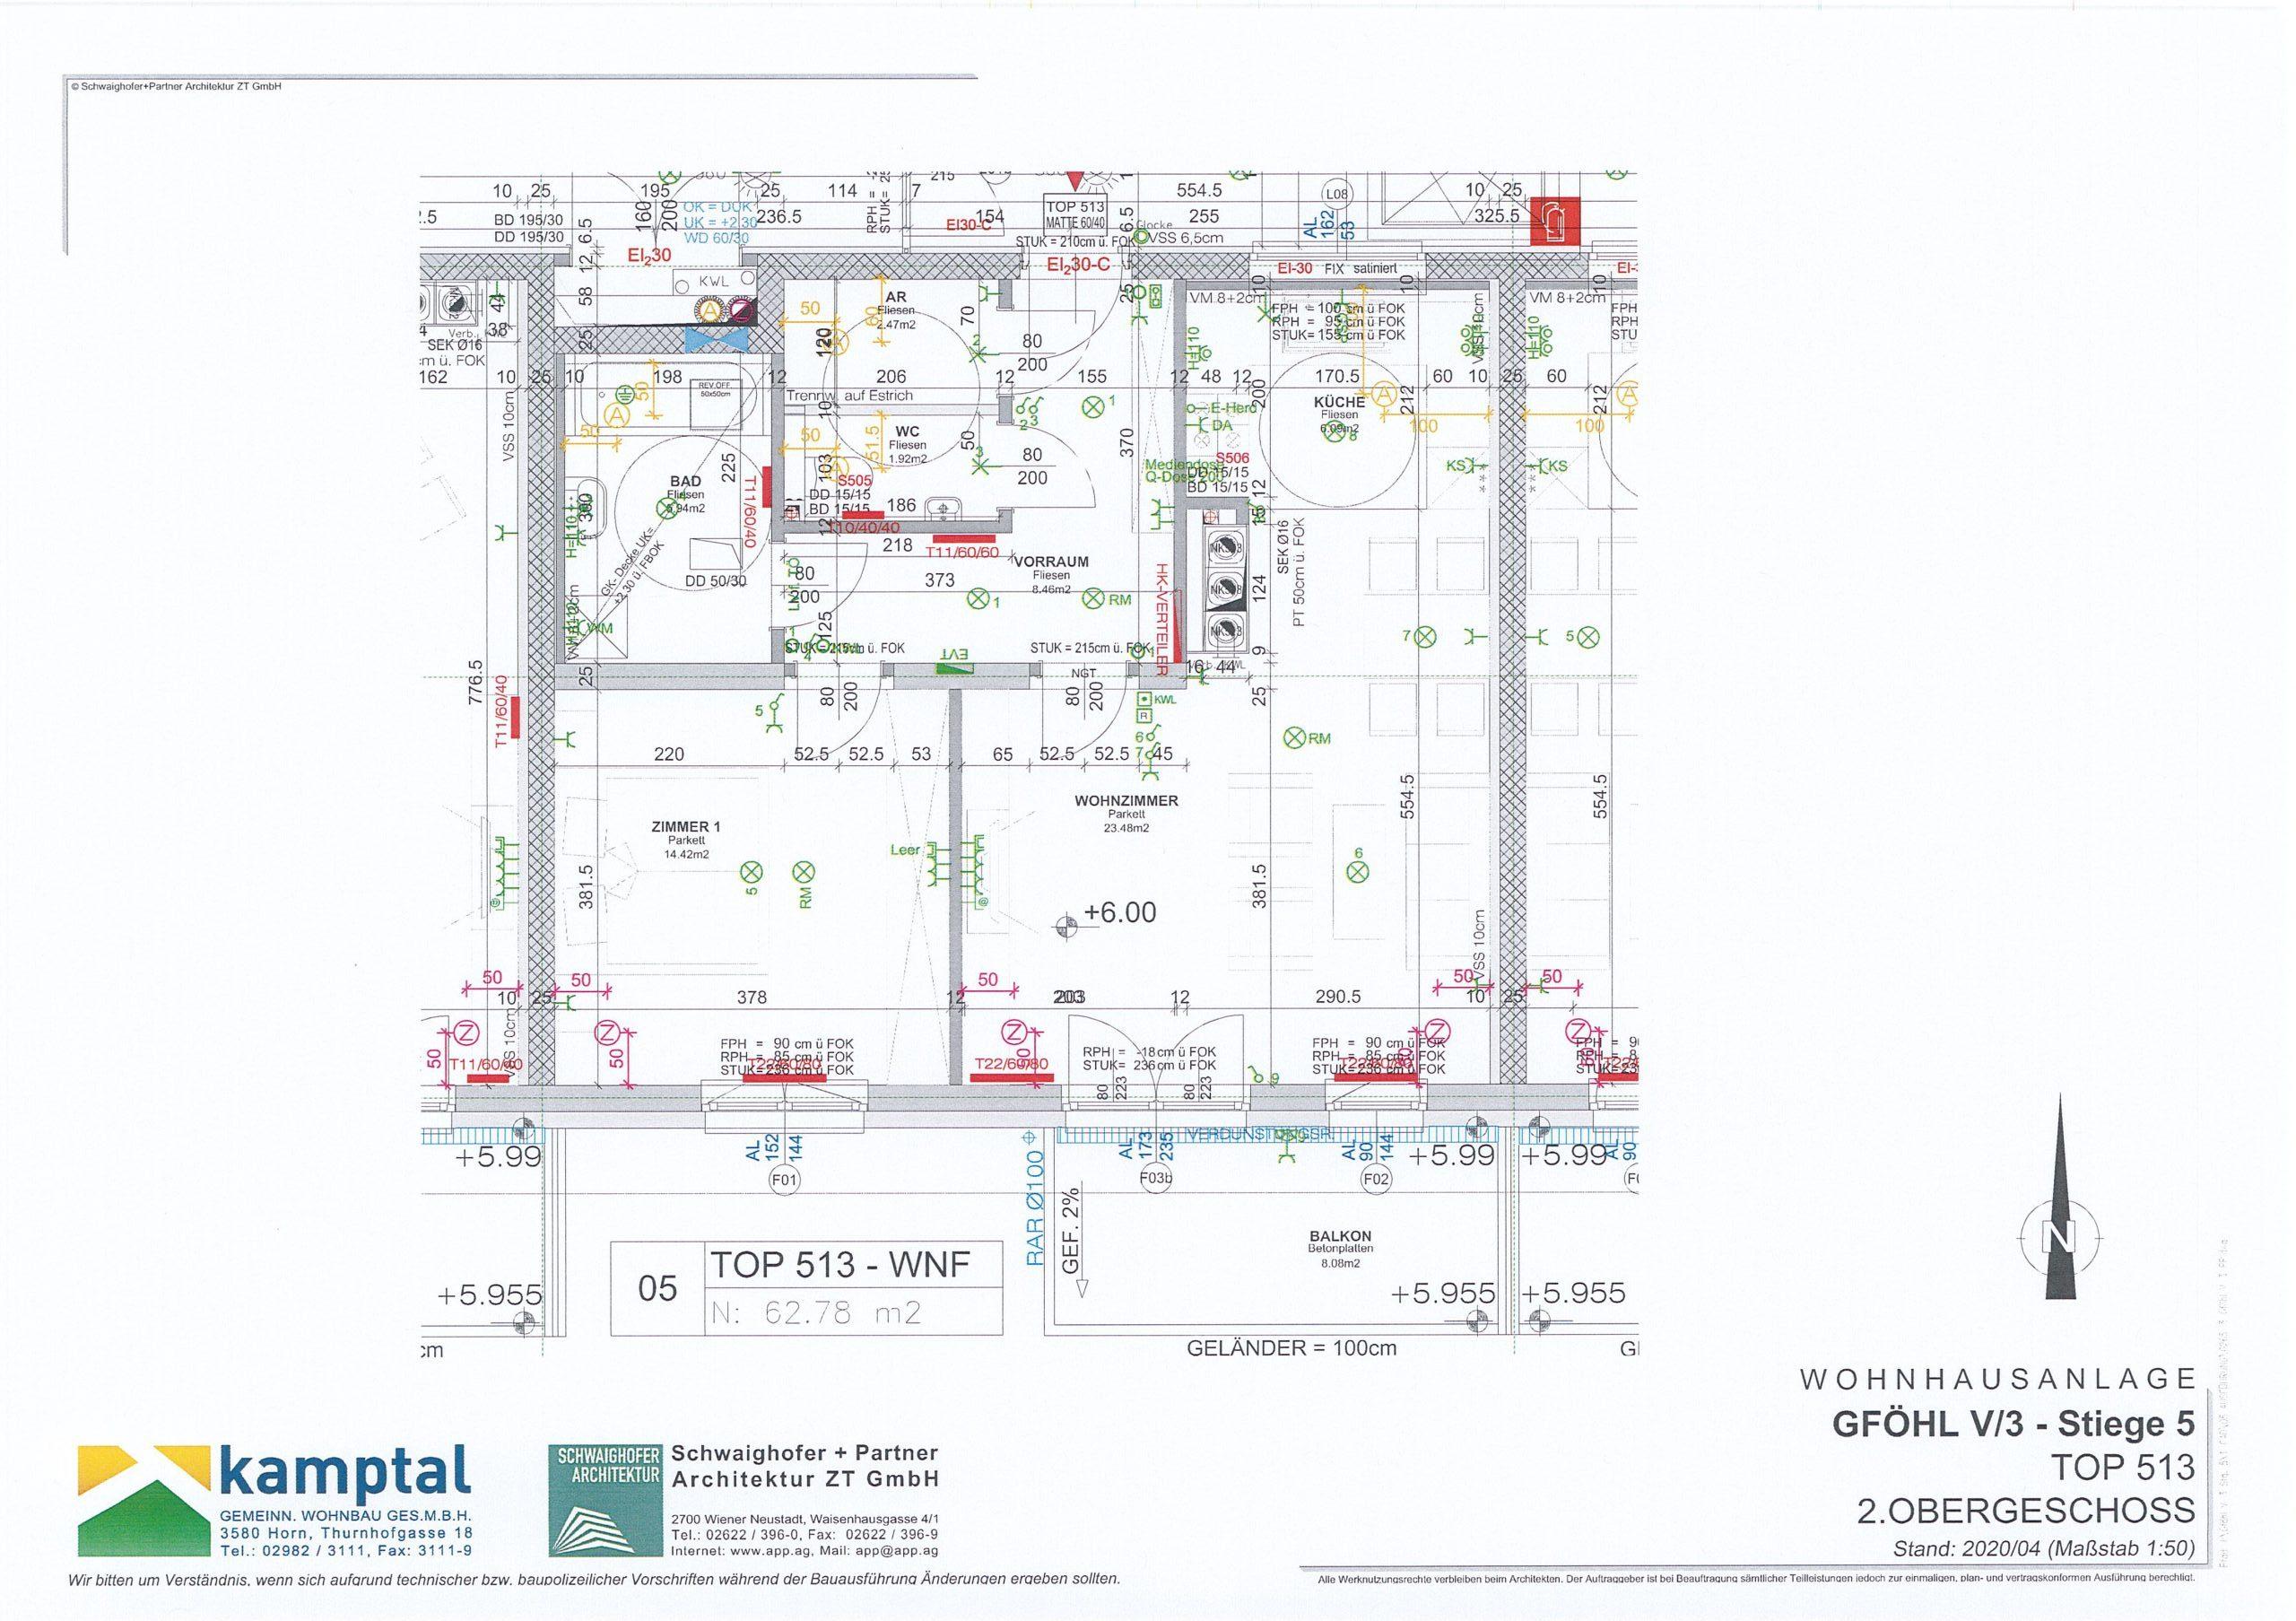 Immobilie von Kamptal in 3542 Gföhl, Krems(Land), Gföhl V/3 - Top 513 #6